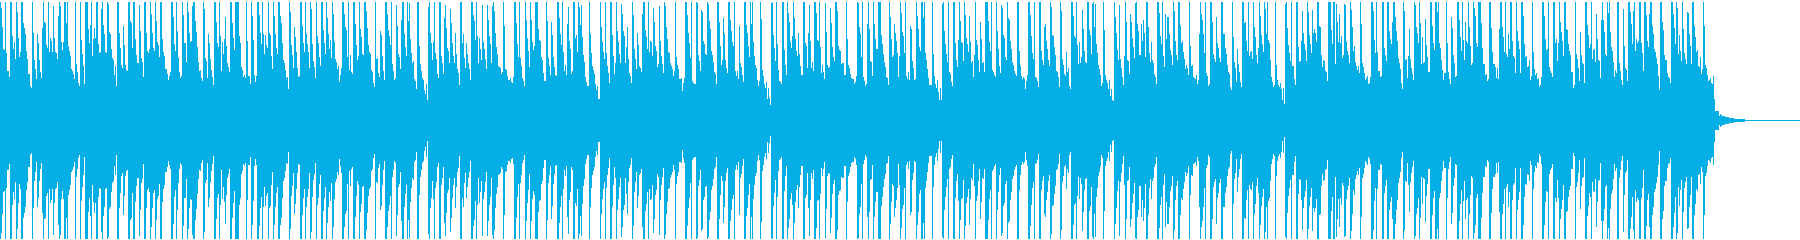 エジプト・アラビア風・エスニックな曲の再生済みの波形